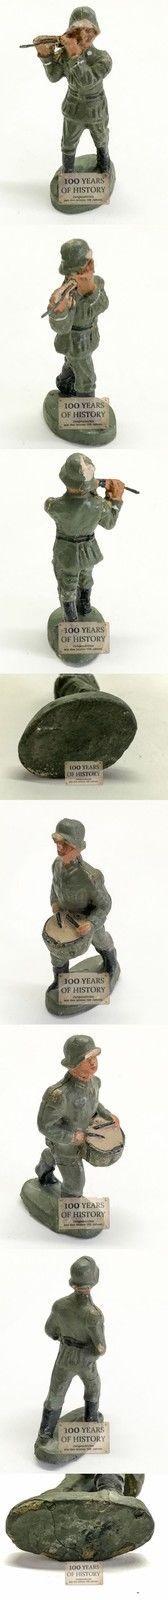 Orig. Elastolin Lineol o.ä. Soldat Musiker | eBay